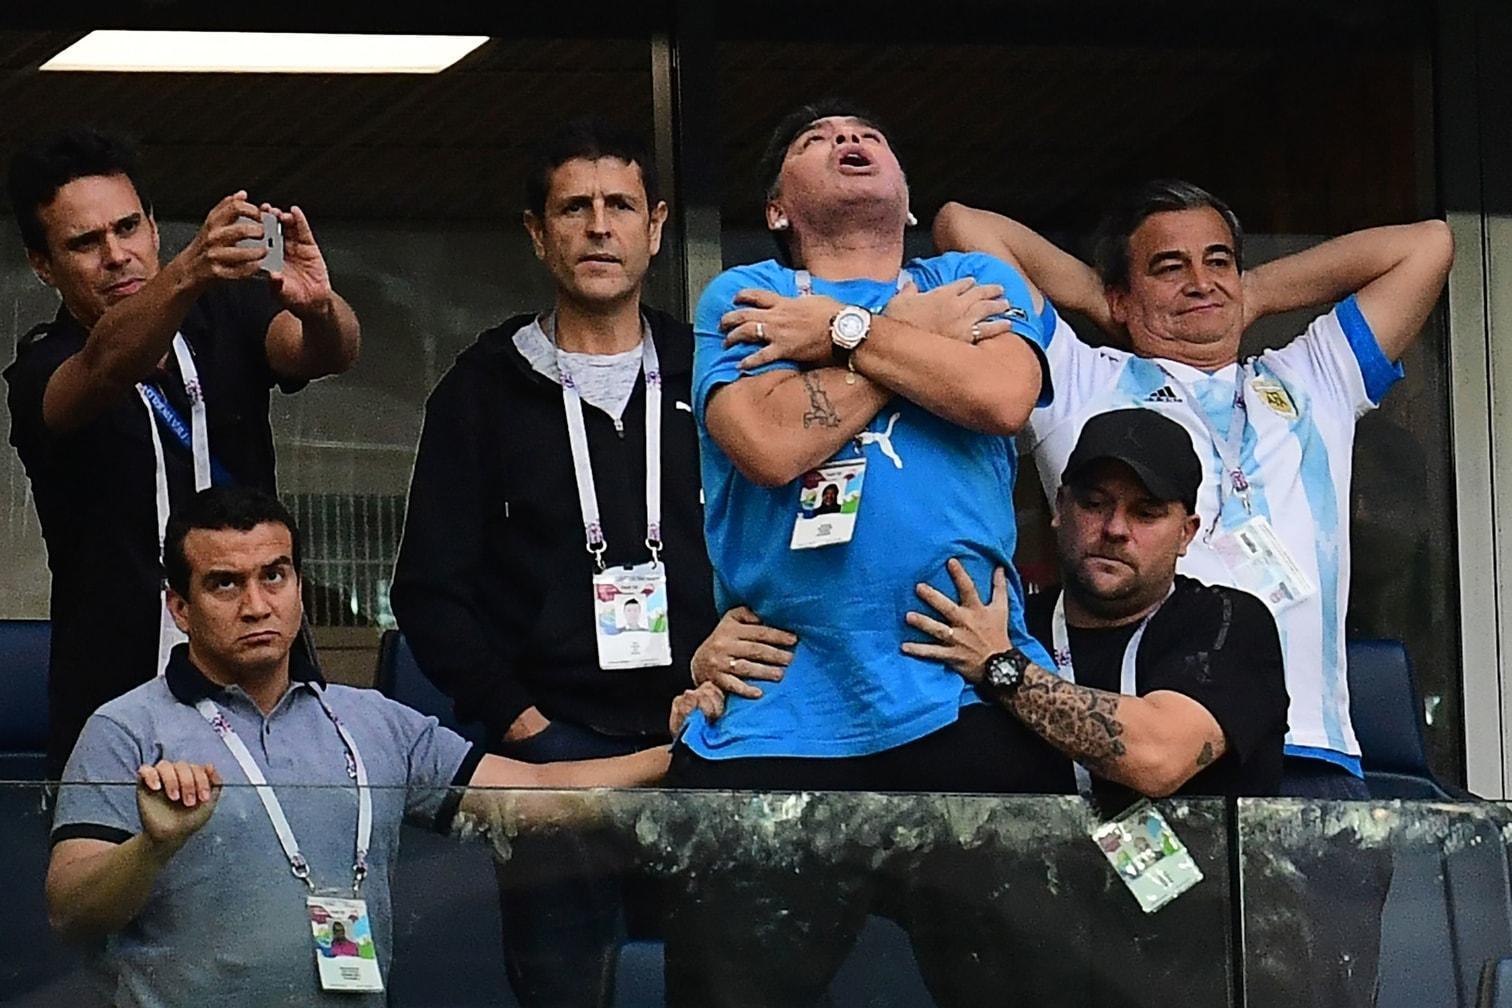 <p>Vier Minuten nur trennten Vize-Weltmeister Argentinien und Superstar Lionel Messi bei der WM 2018 vom peinlichen Vorrunden-Aus. Ein später Treffer bedeutete doch noch das Weiterkommen. Einer litt besonders: die argentinische Ikone Diego Maradona. Vor allem sein Auftritt gegen Nigeria bereitet Fans aus aller Welt nun Sorgen.</p> Foto: AFP